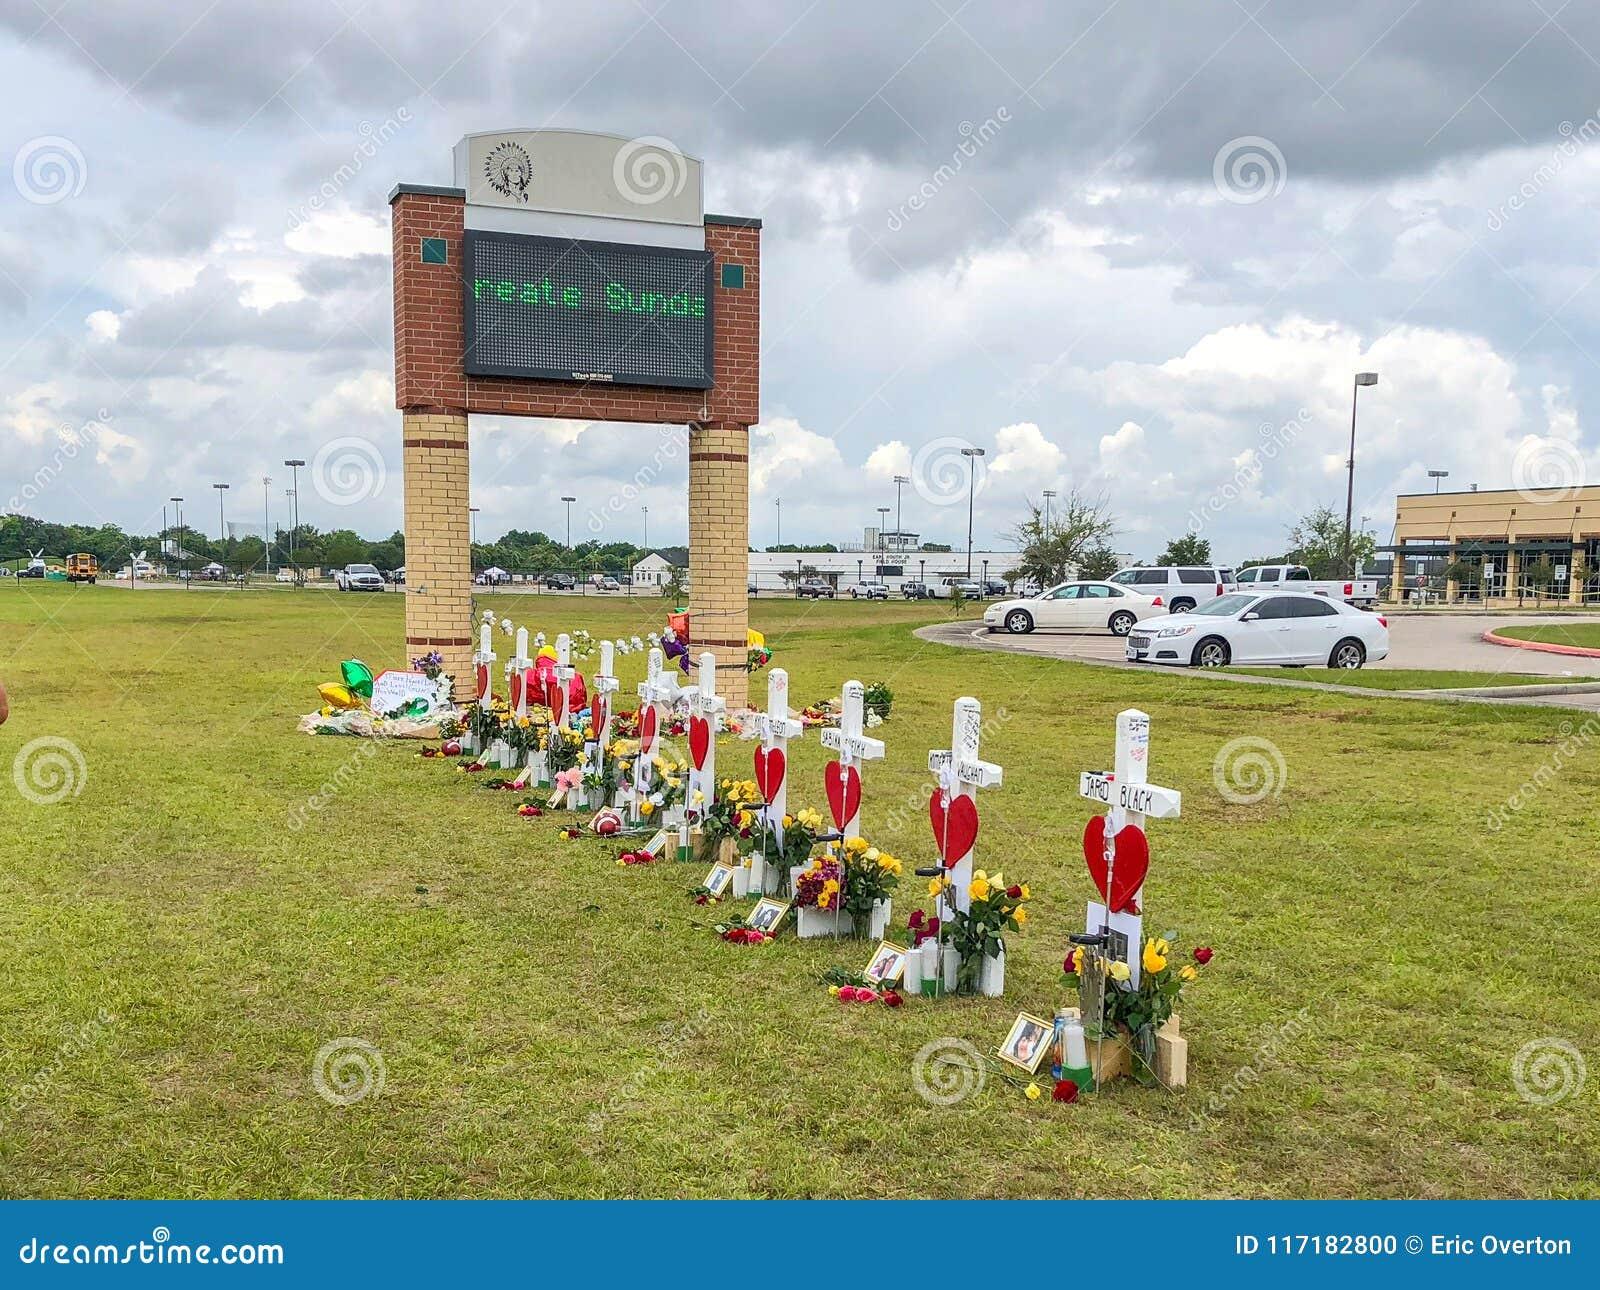 Santa Fe, Texas May 21st 2018: Memorial Crosses Set Up